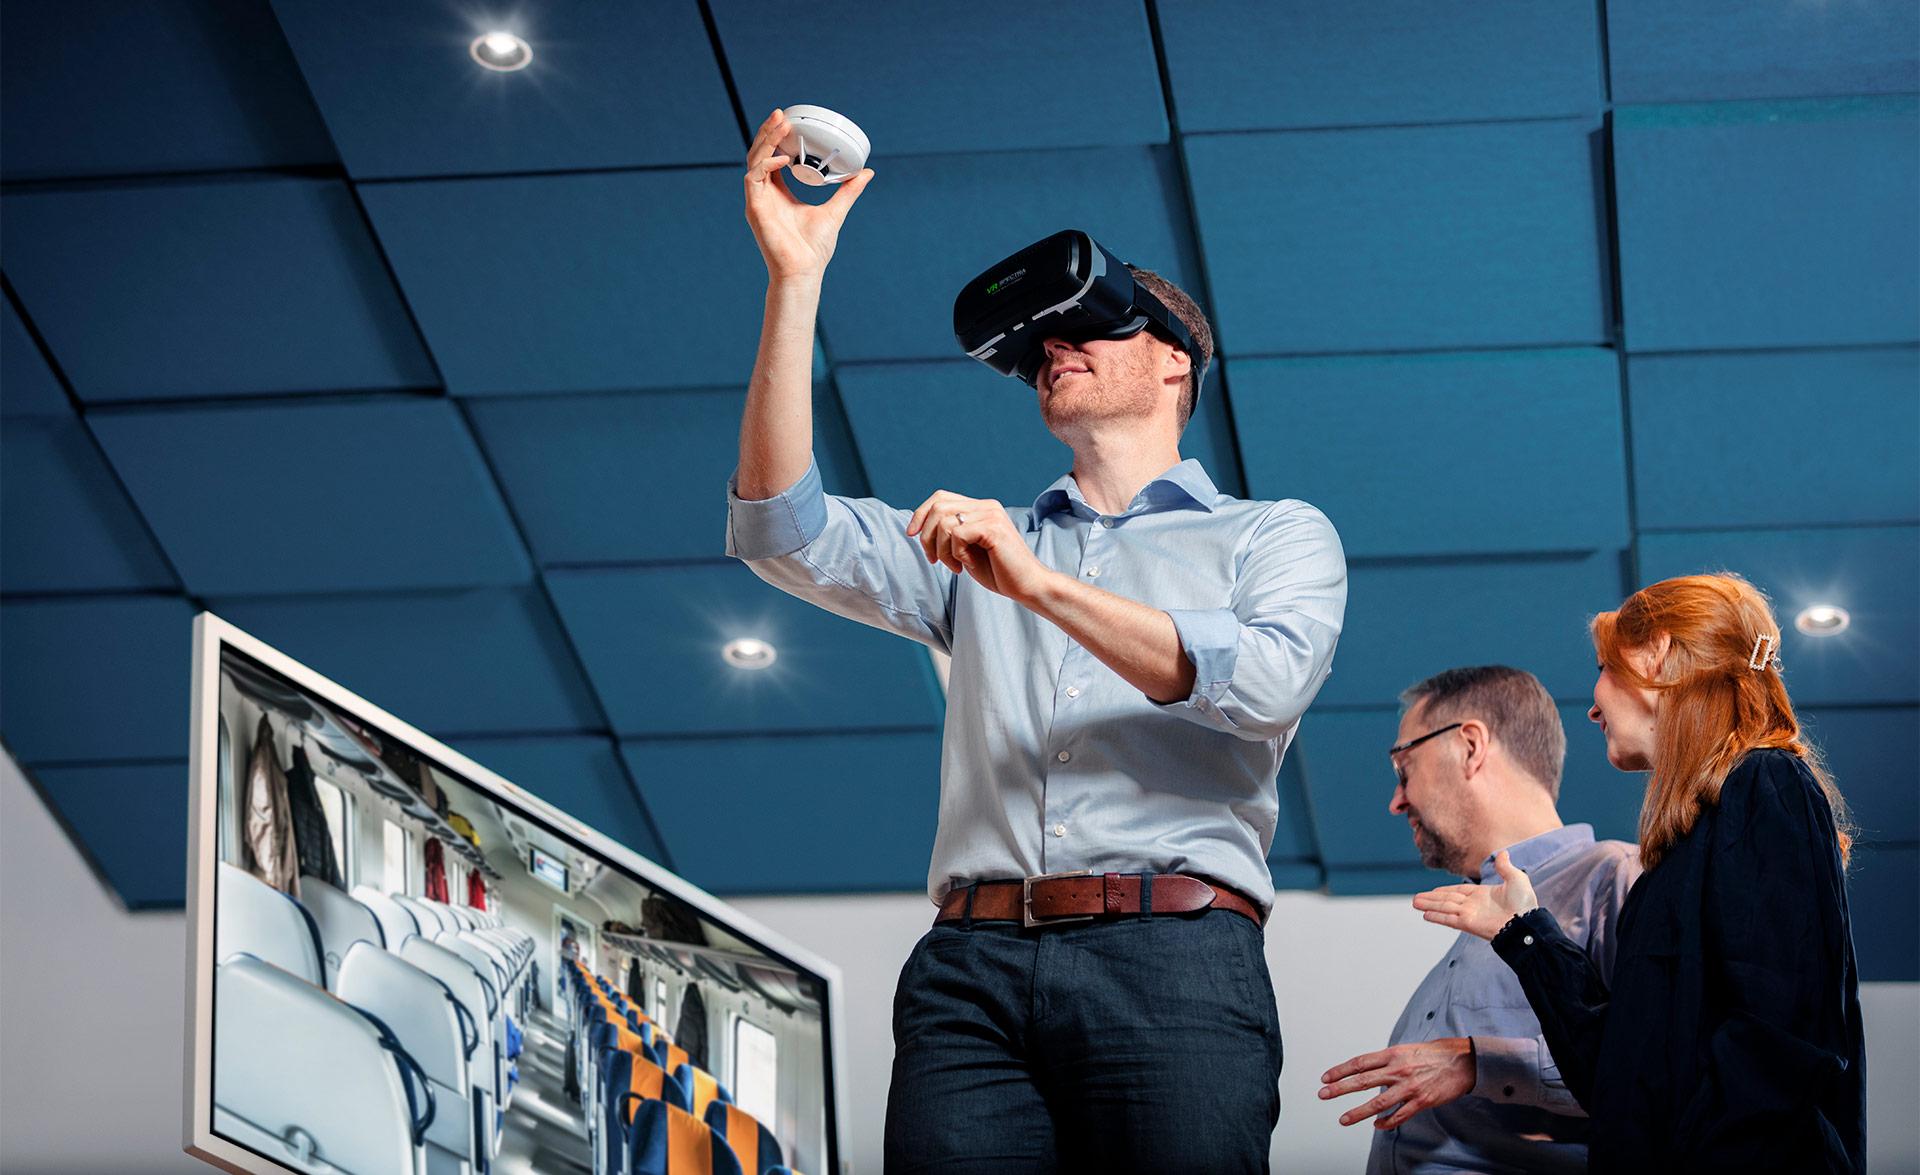 Member of the innovation team trying VR glasses